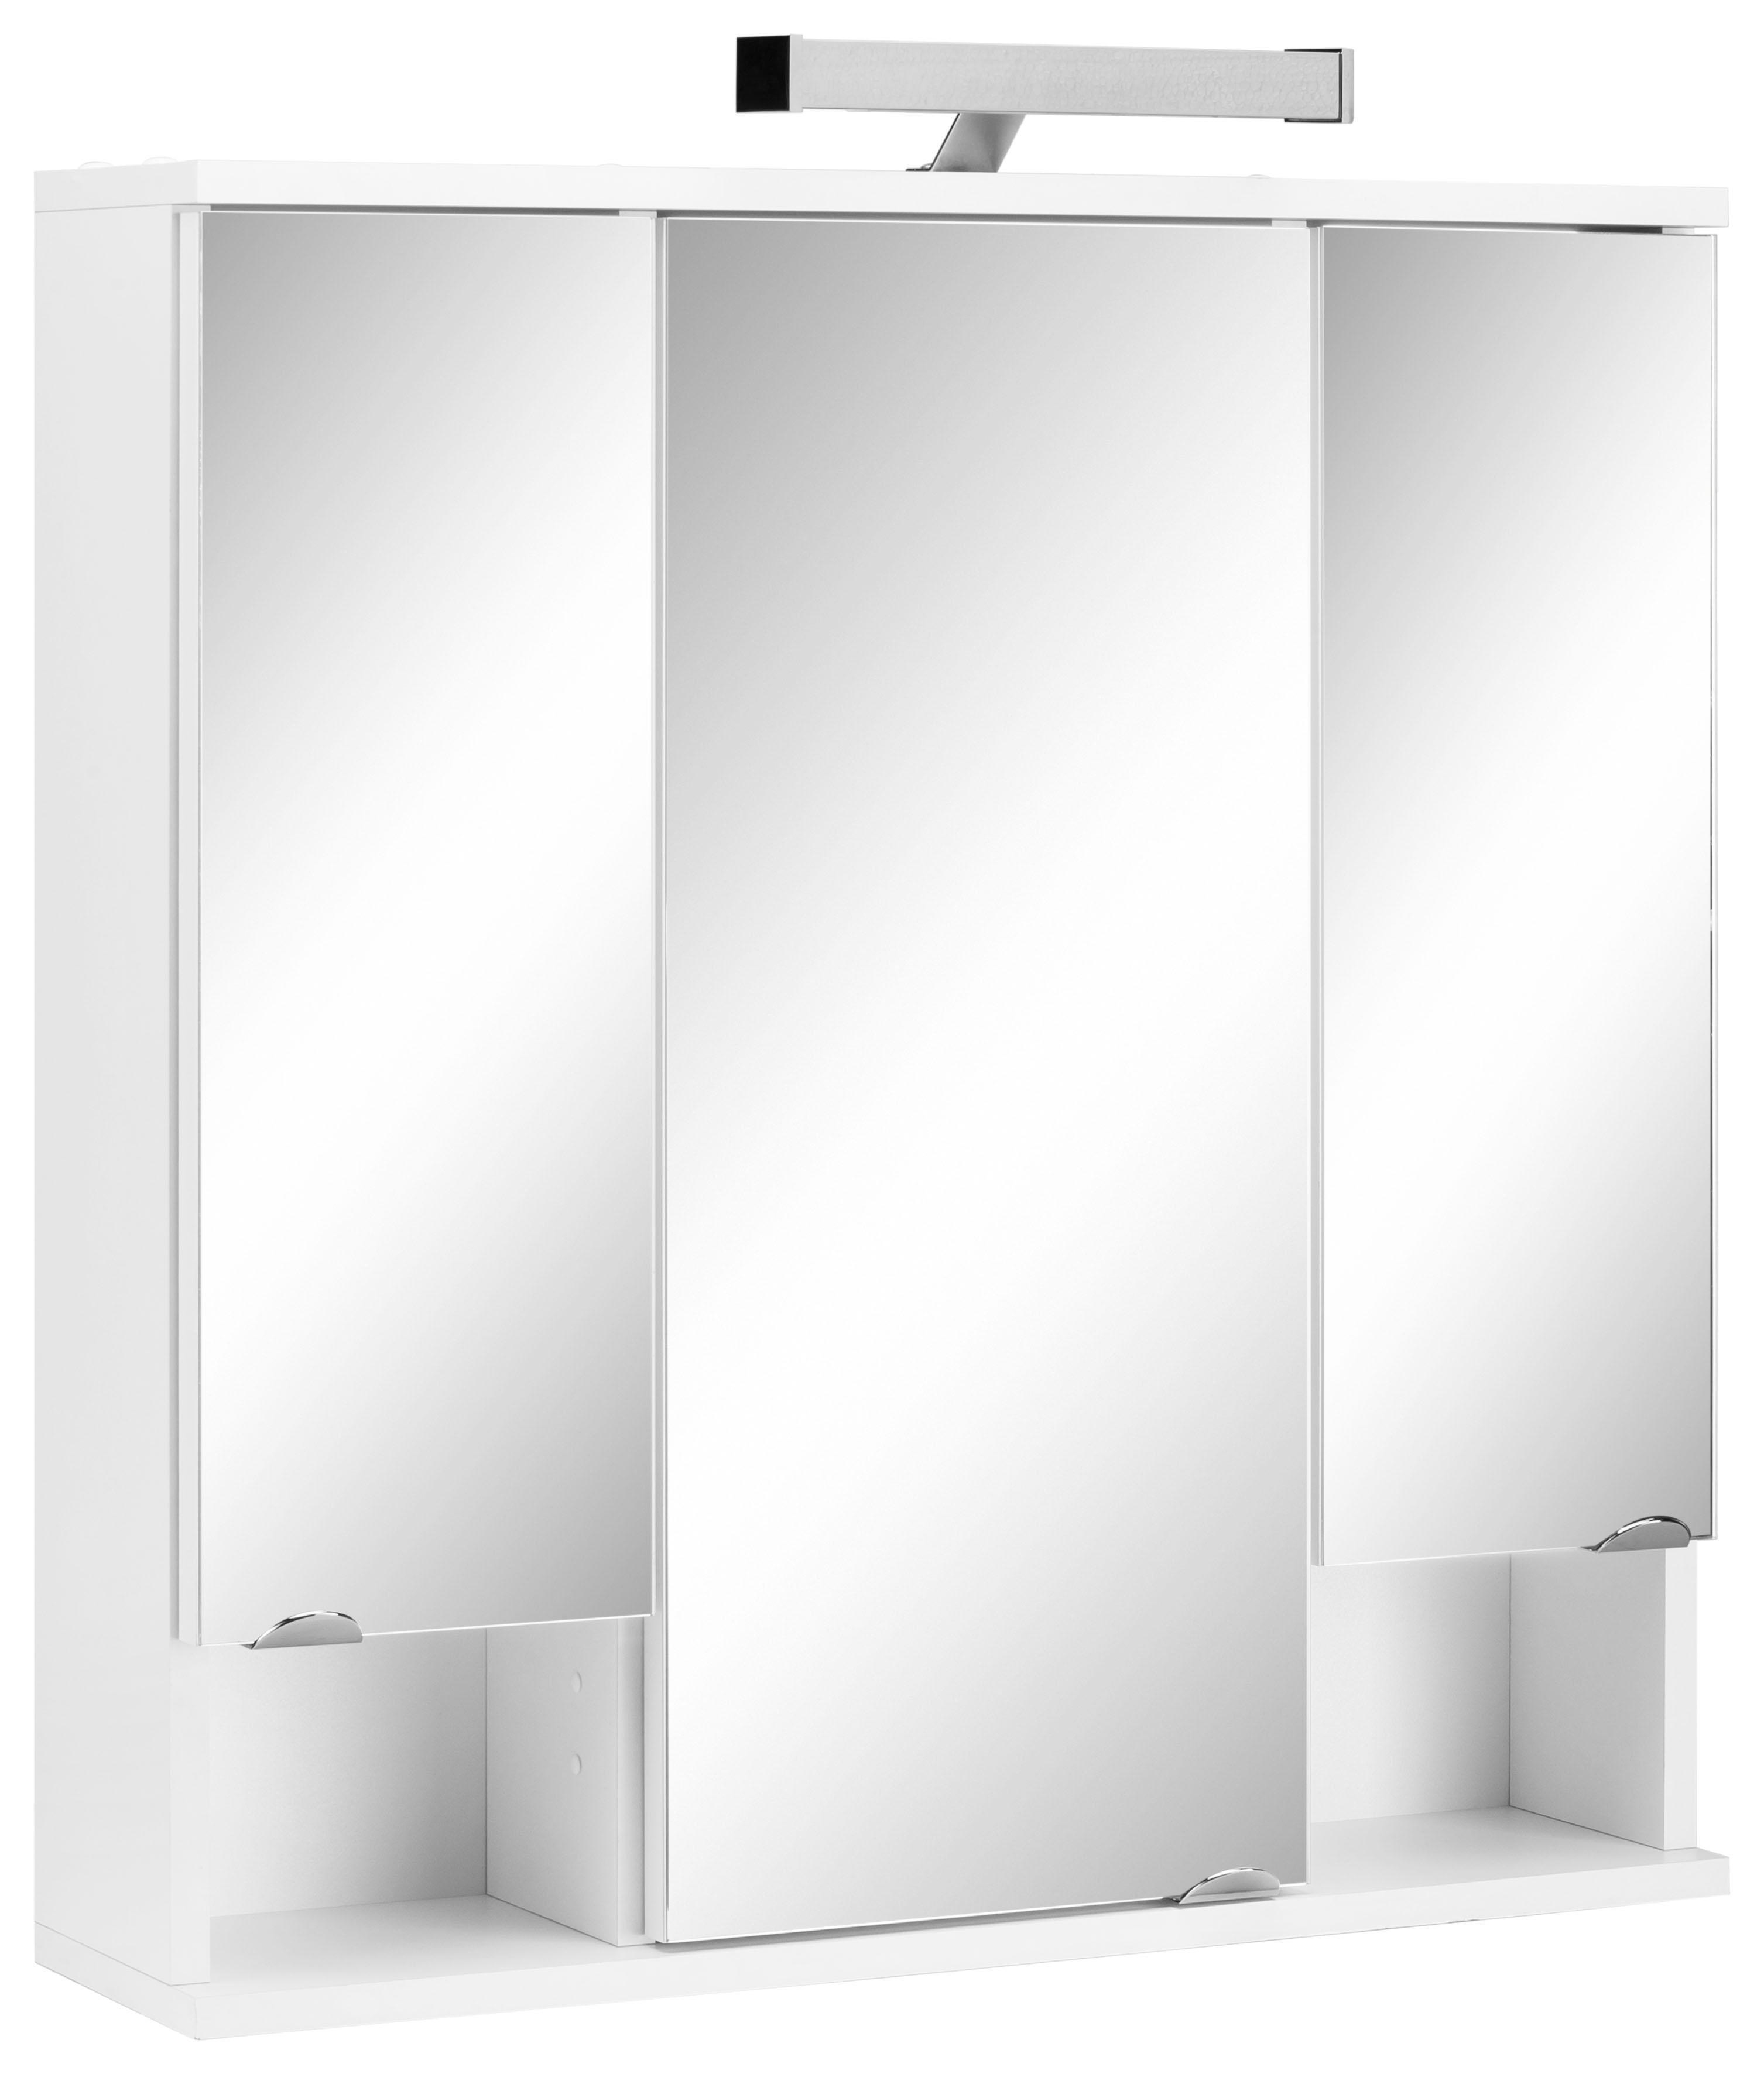 Schildmeyer spiegelkast Cadi Breedte 67 cm, 3-deurs, ledverlichting, schakelaar-/stekkerdoos, glasplateaus, Made in Germany online kopen op otto.nl